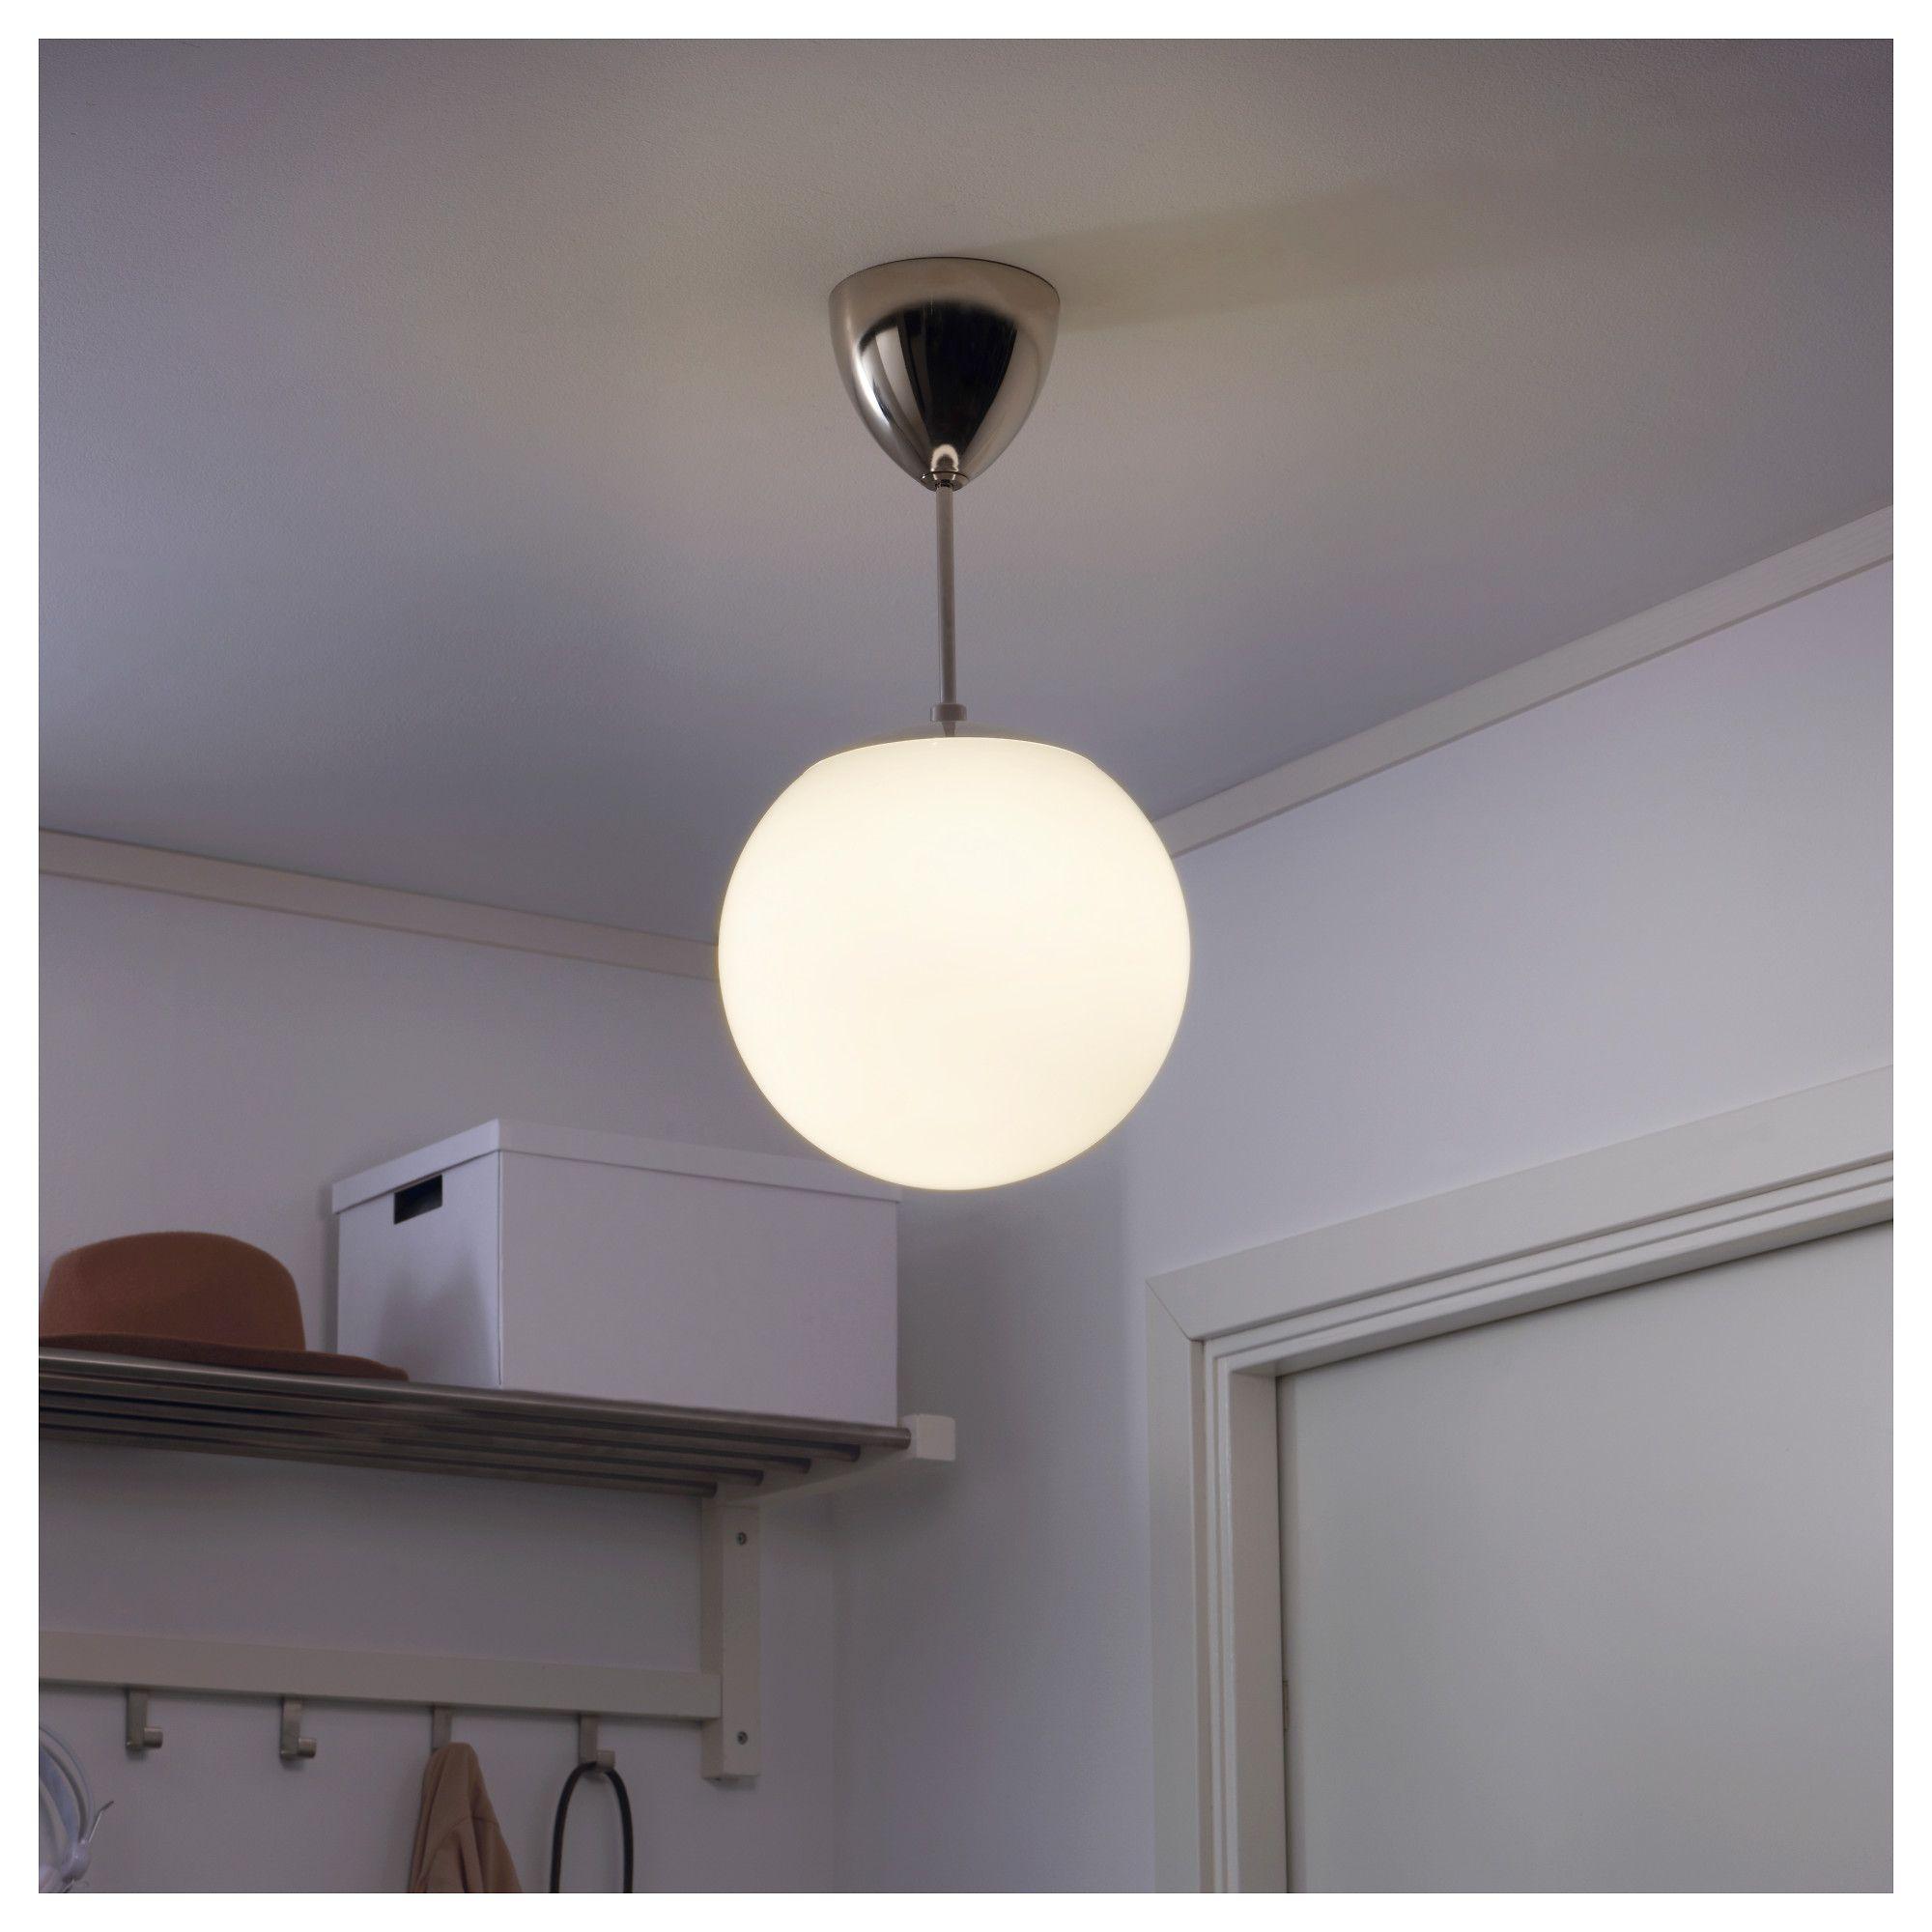 HÖLJES white, Pendant downlighter IKEA in 2020 Ikea